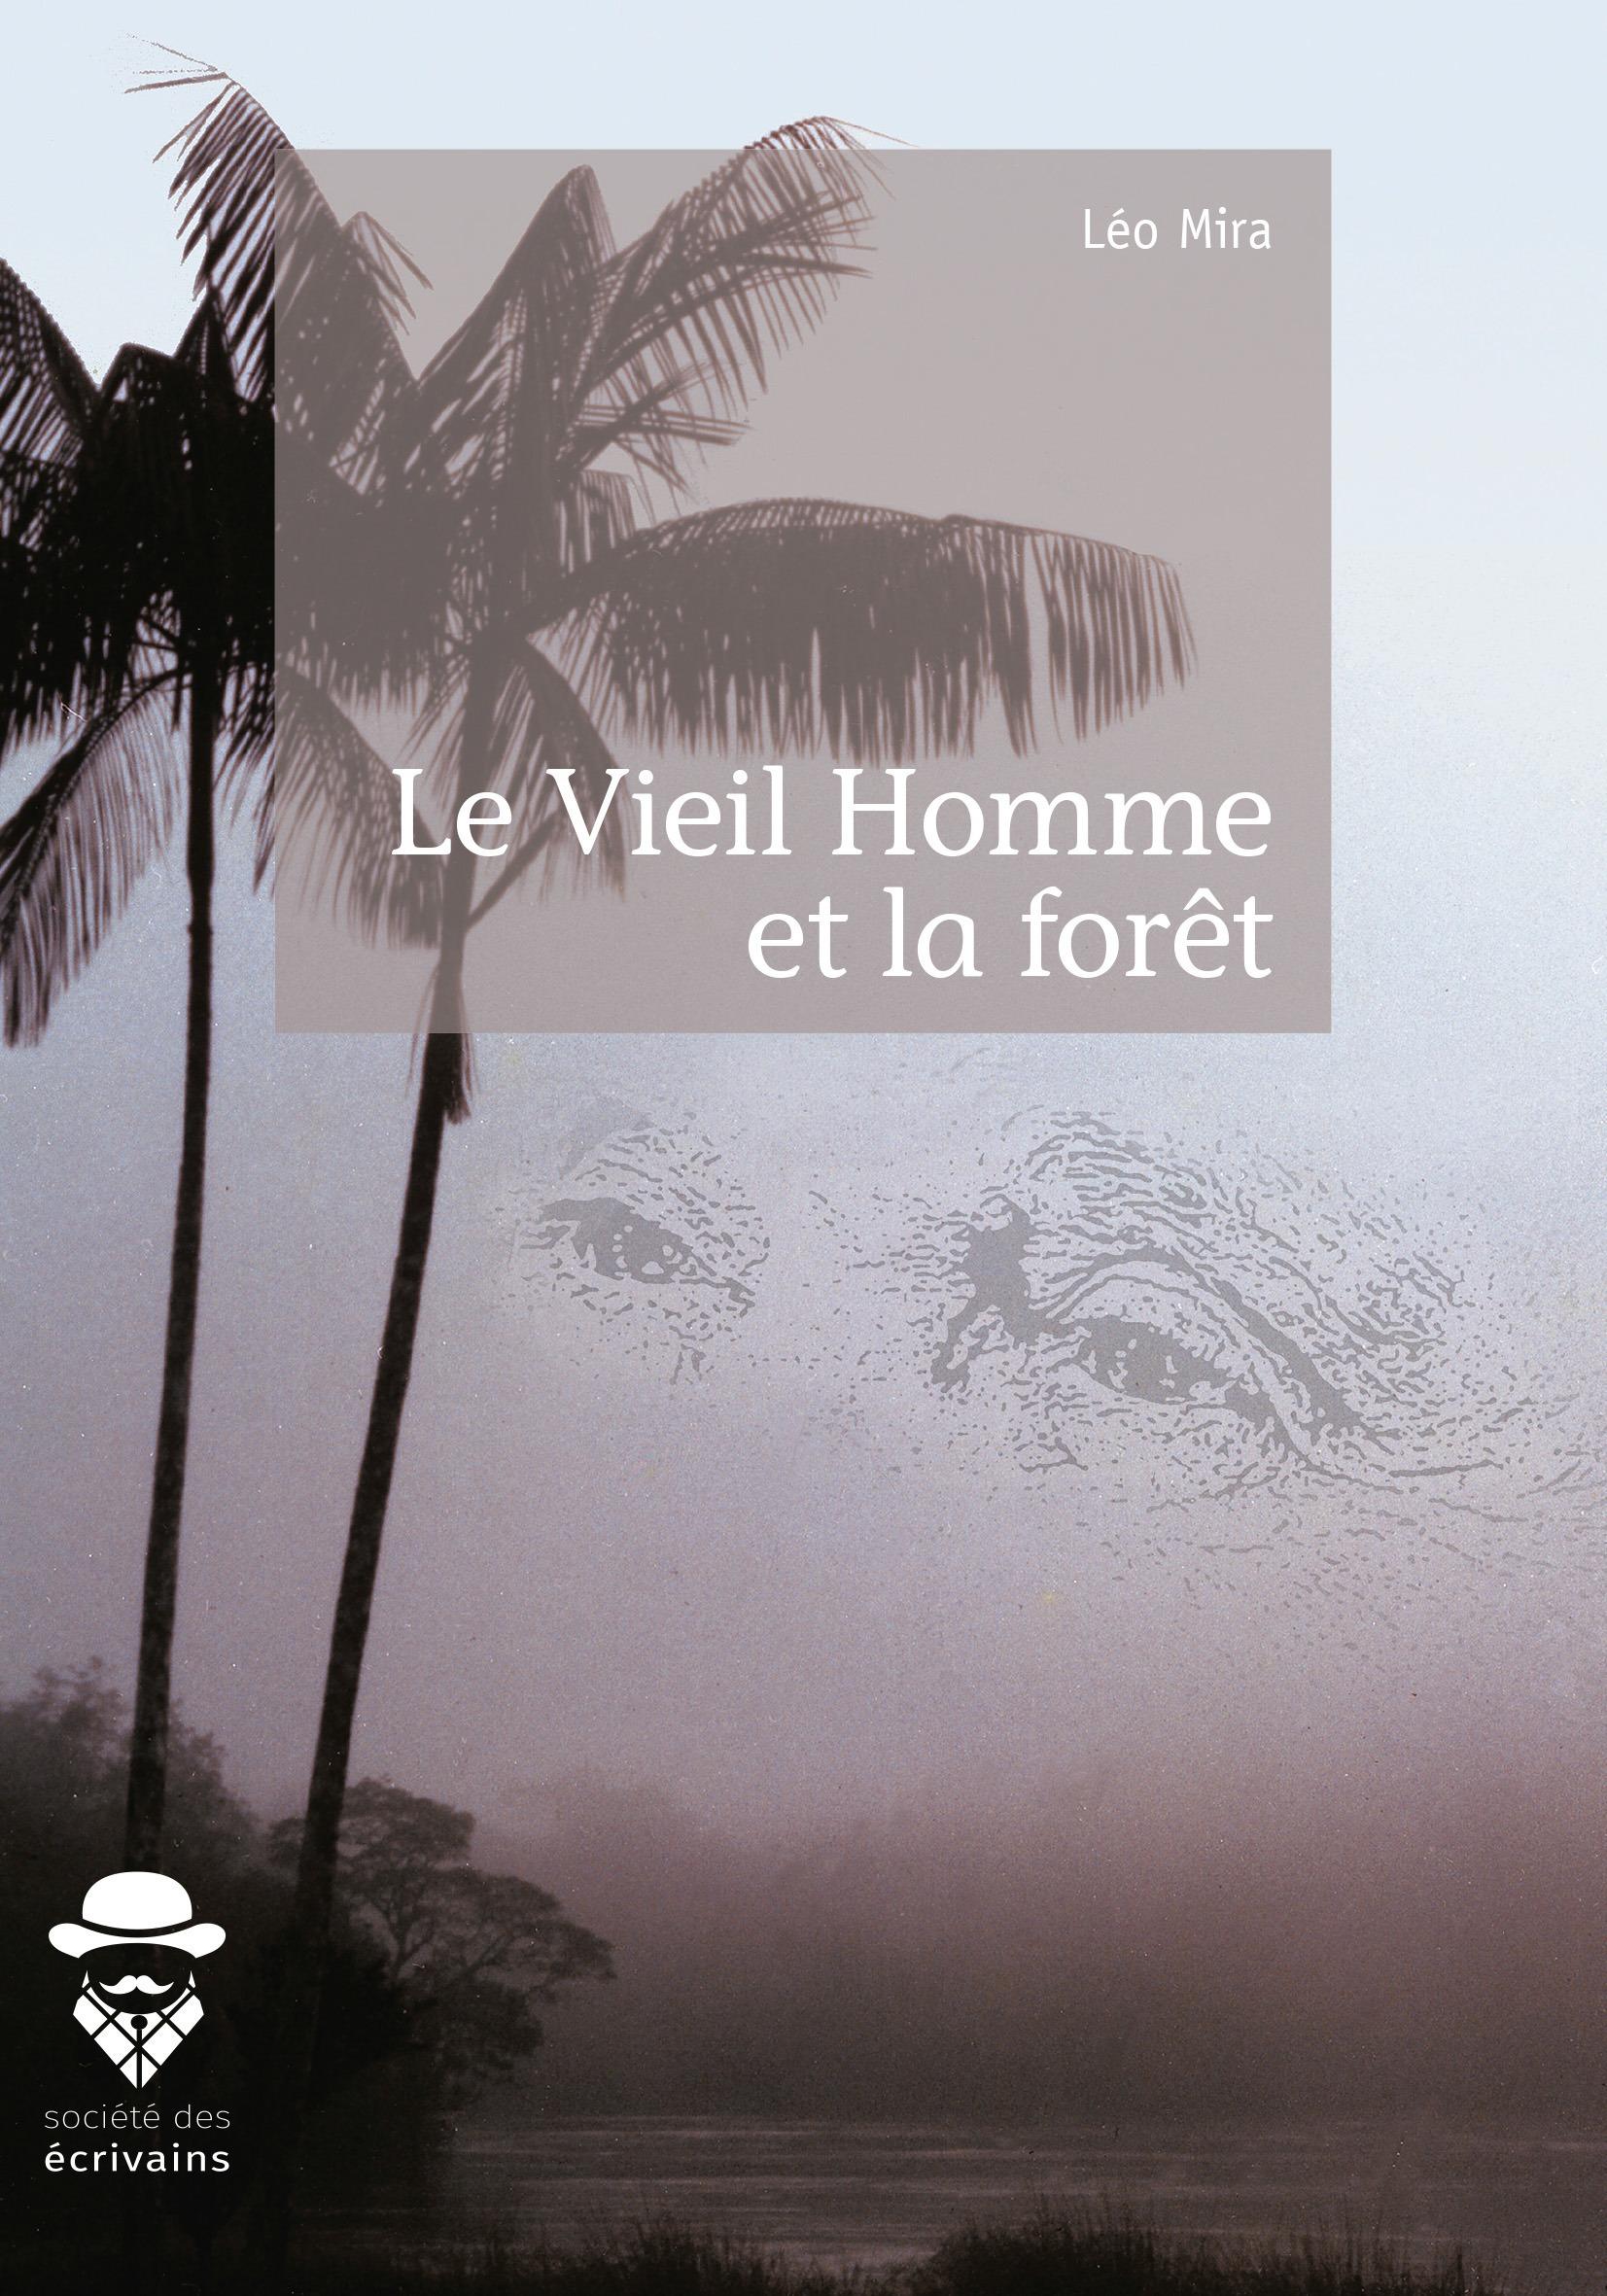 Léo Mira Le Vieil Homme et la forêt